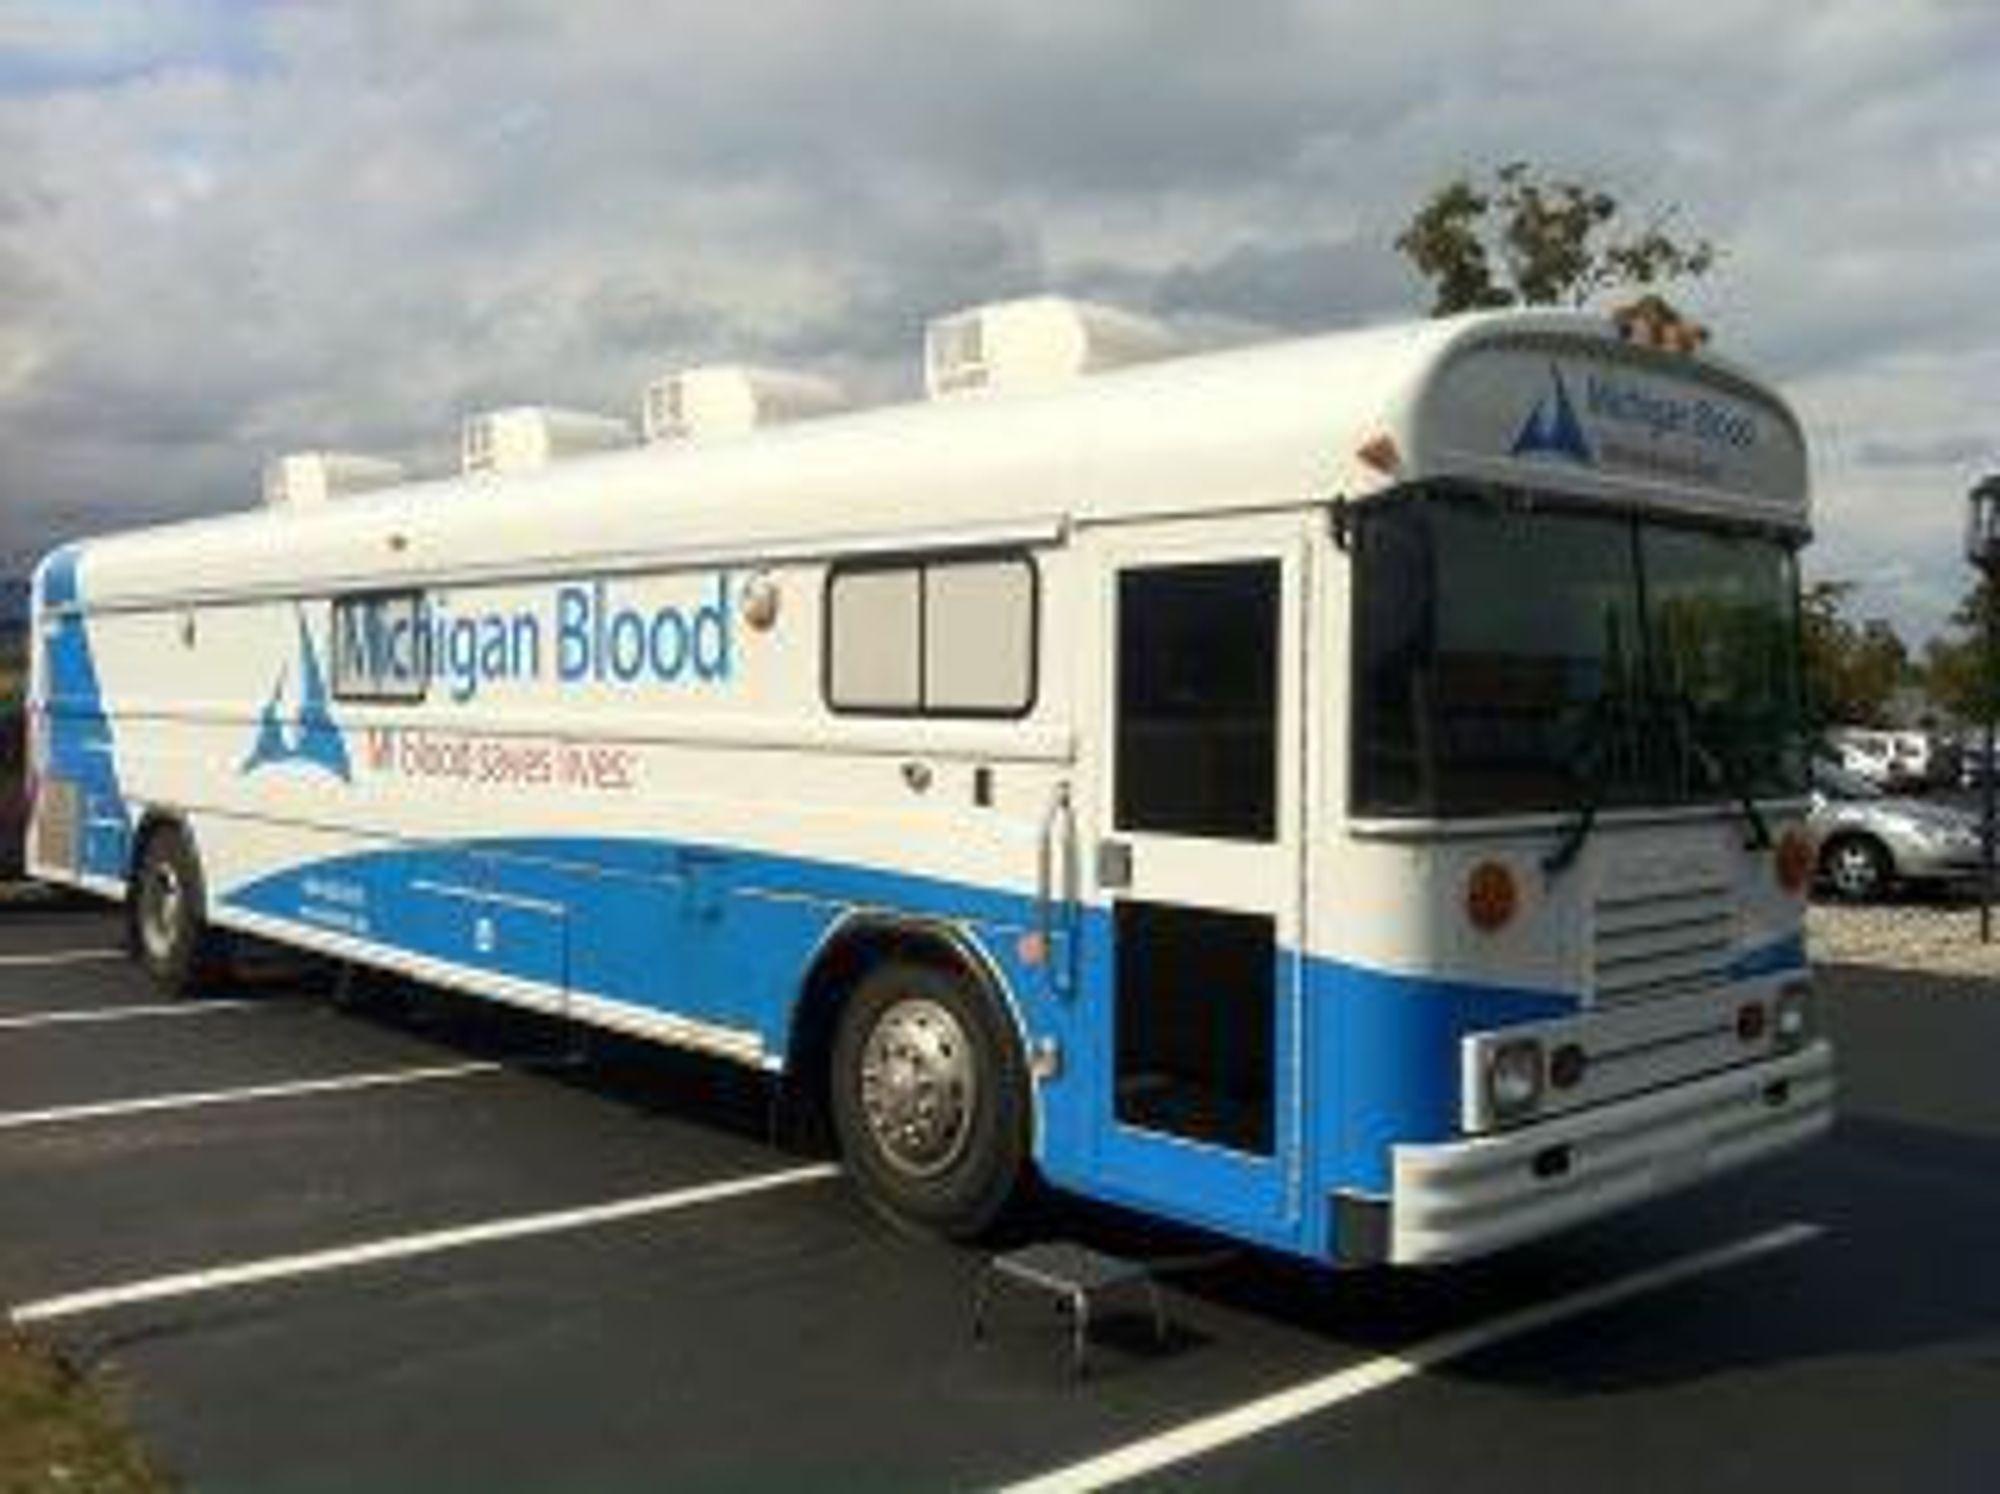 Michigan Blood bruker Aerohive-løsningen ombord i 40 busser. Aksesspunktene utnytter mobilnettet, og IT-tjenestene for de ansatte er som om de satt i bedriftens lokalnett.